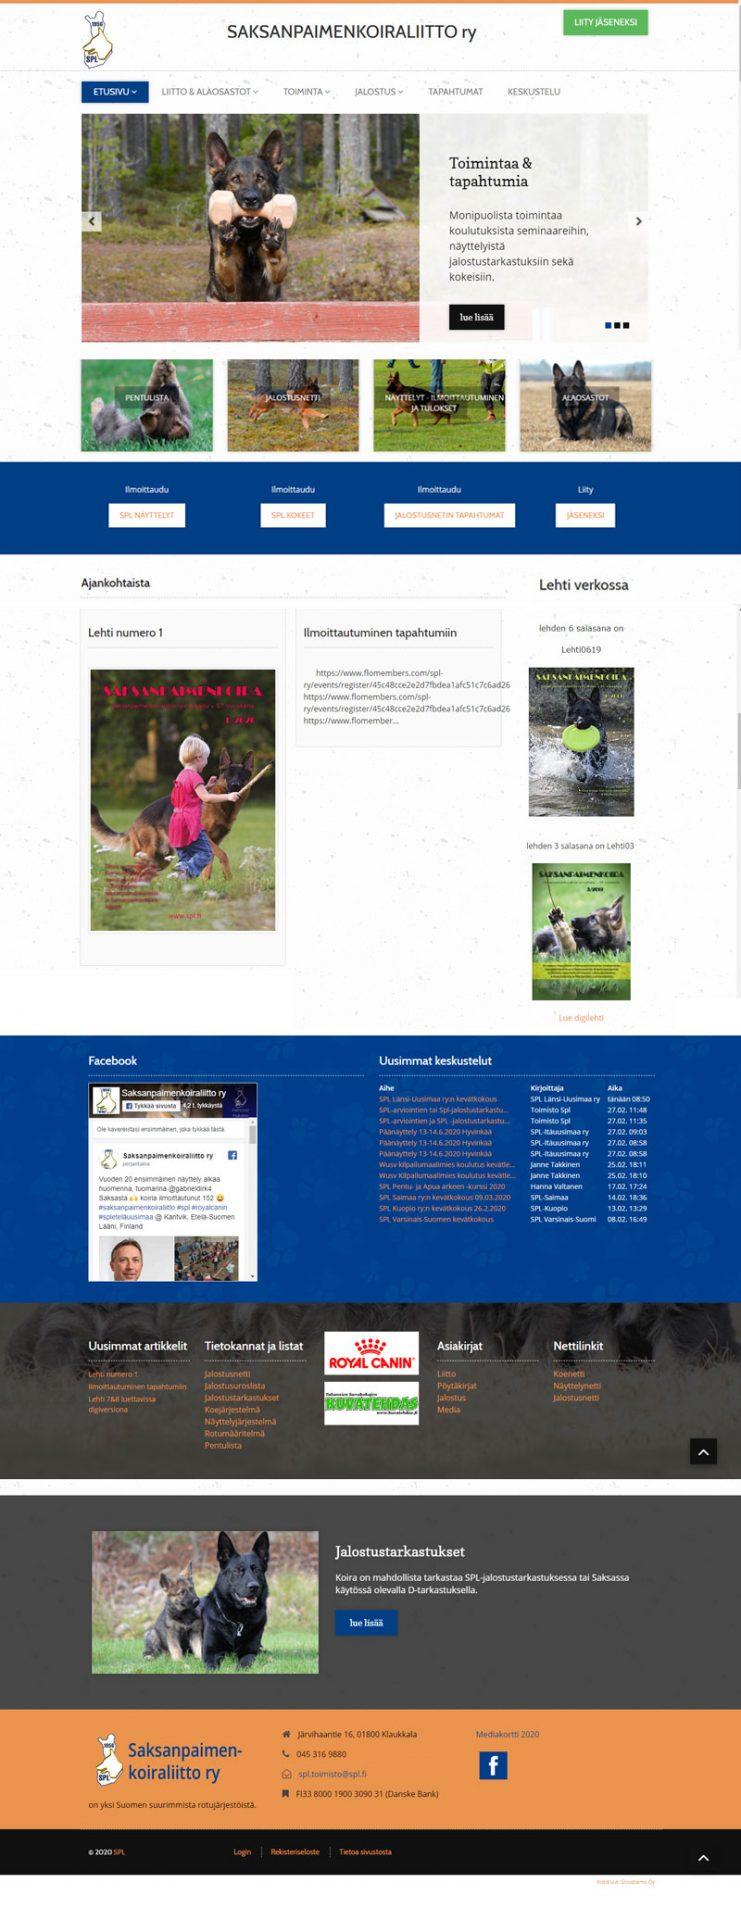 Saksanpaimenkoiraliitto ry, Joomla nettisivut